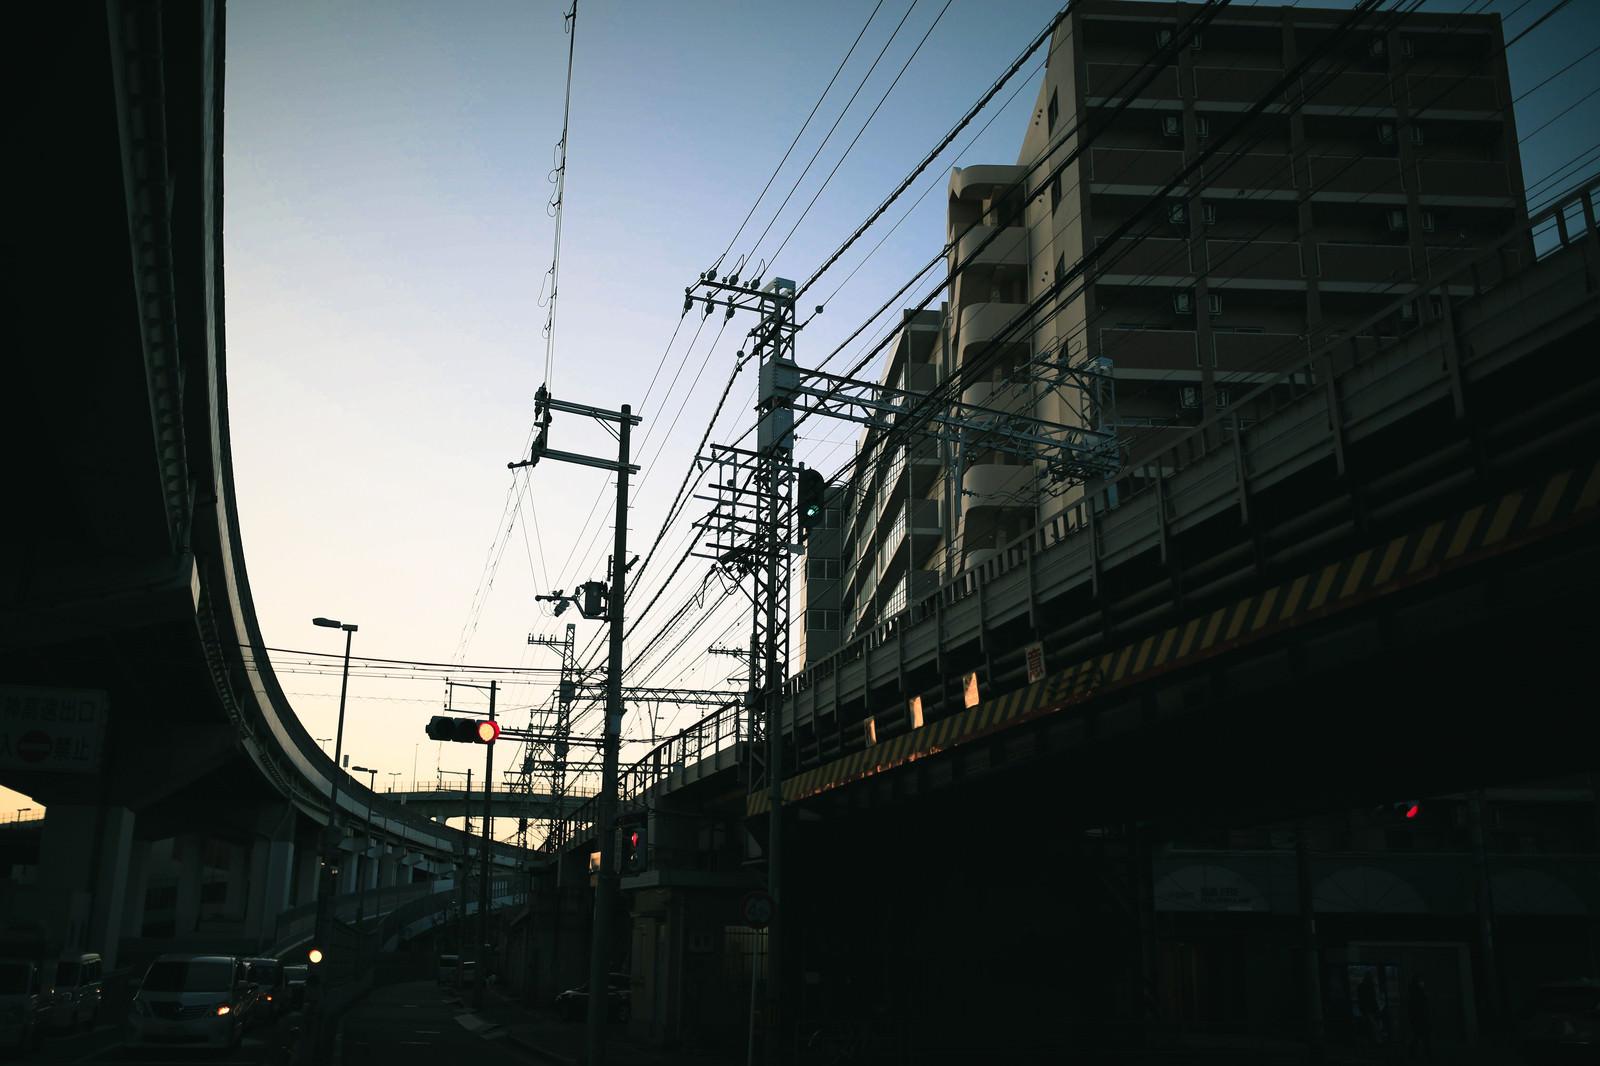 「青空に張り巡る電線と高架橋」の写真